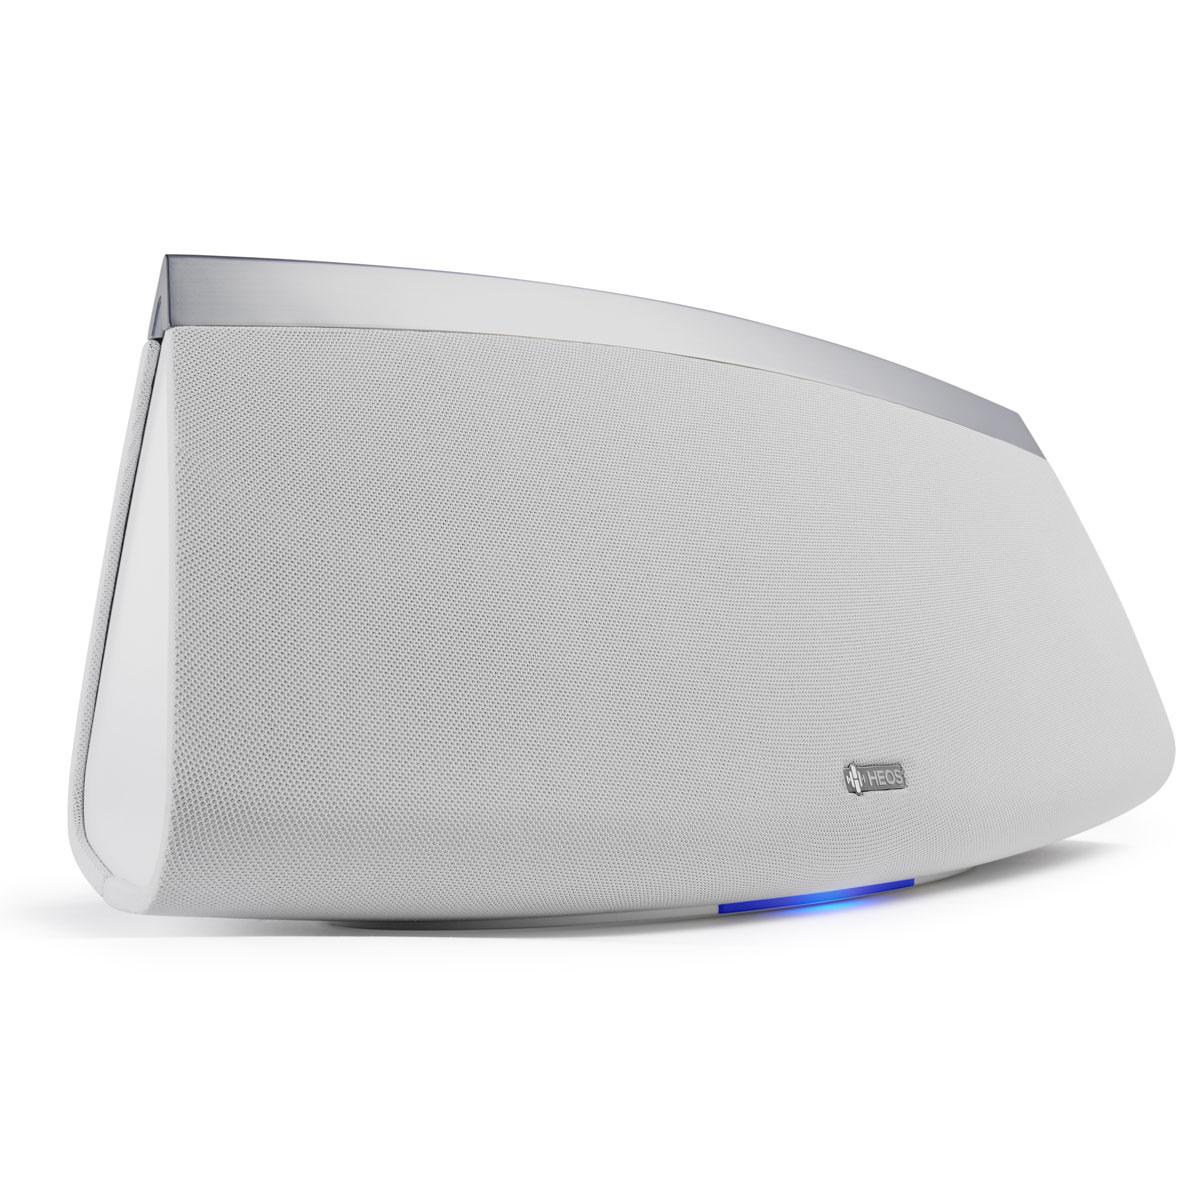 Heos 7 HS2 weiss Wireless-Lautsprecher 101109